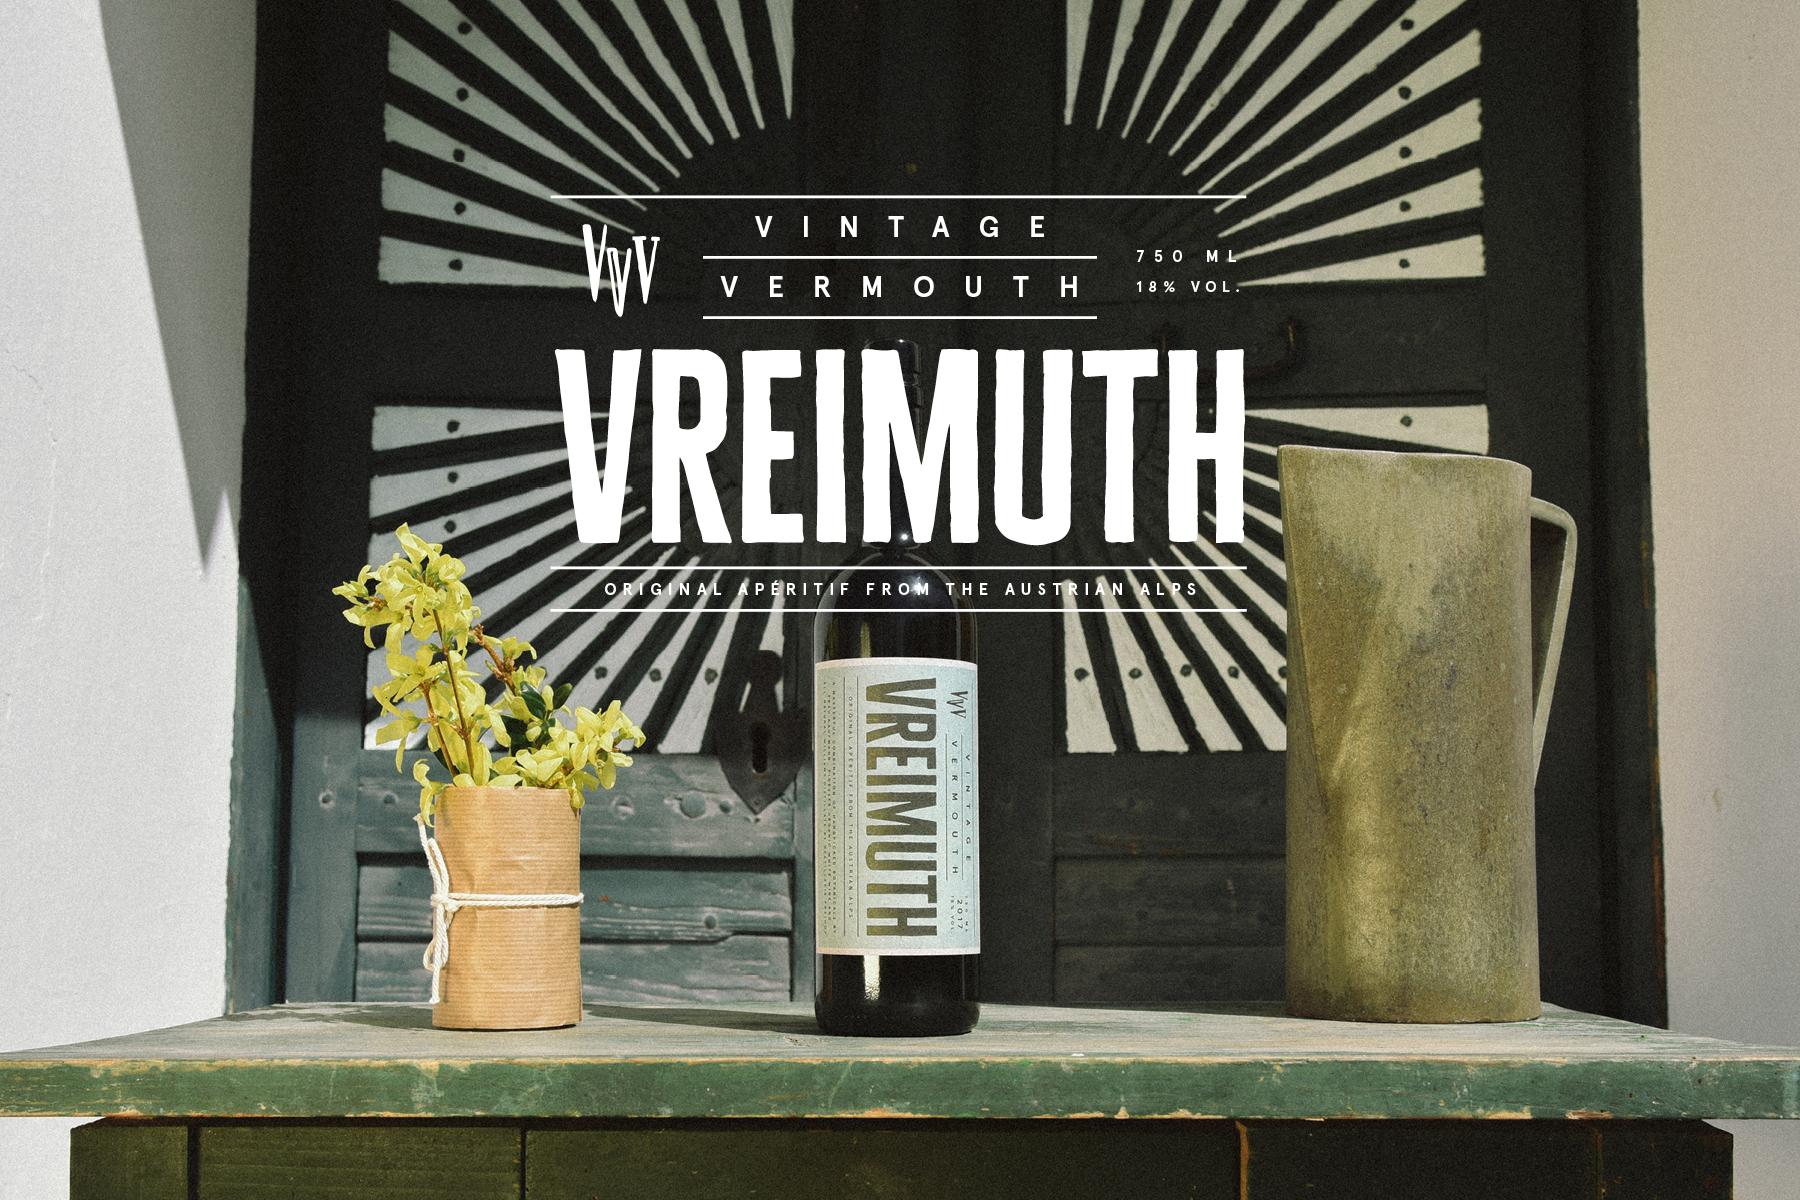 Vintage Vermouth Vreimuth